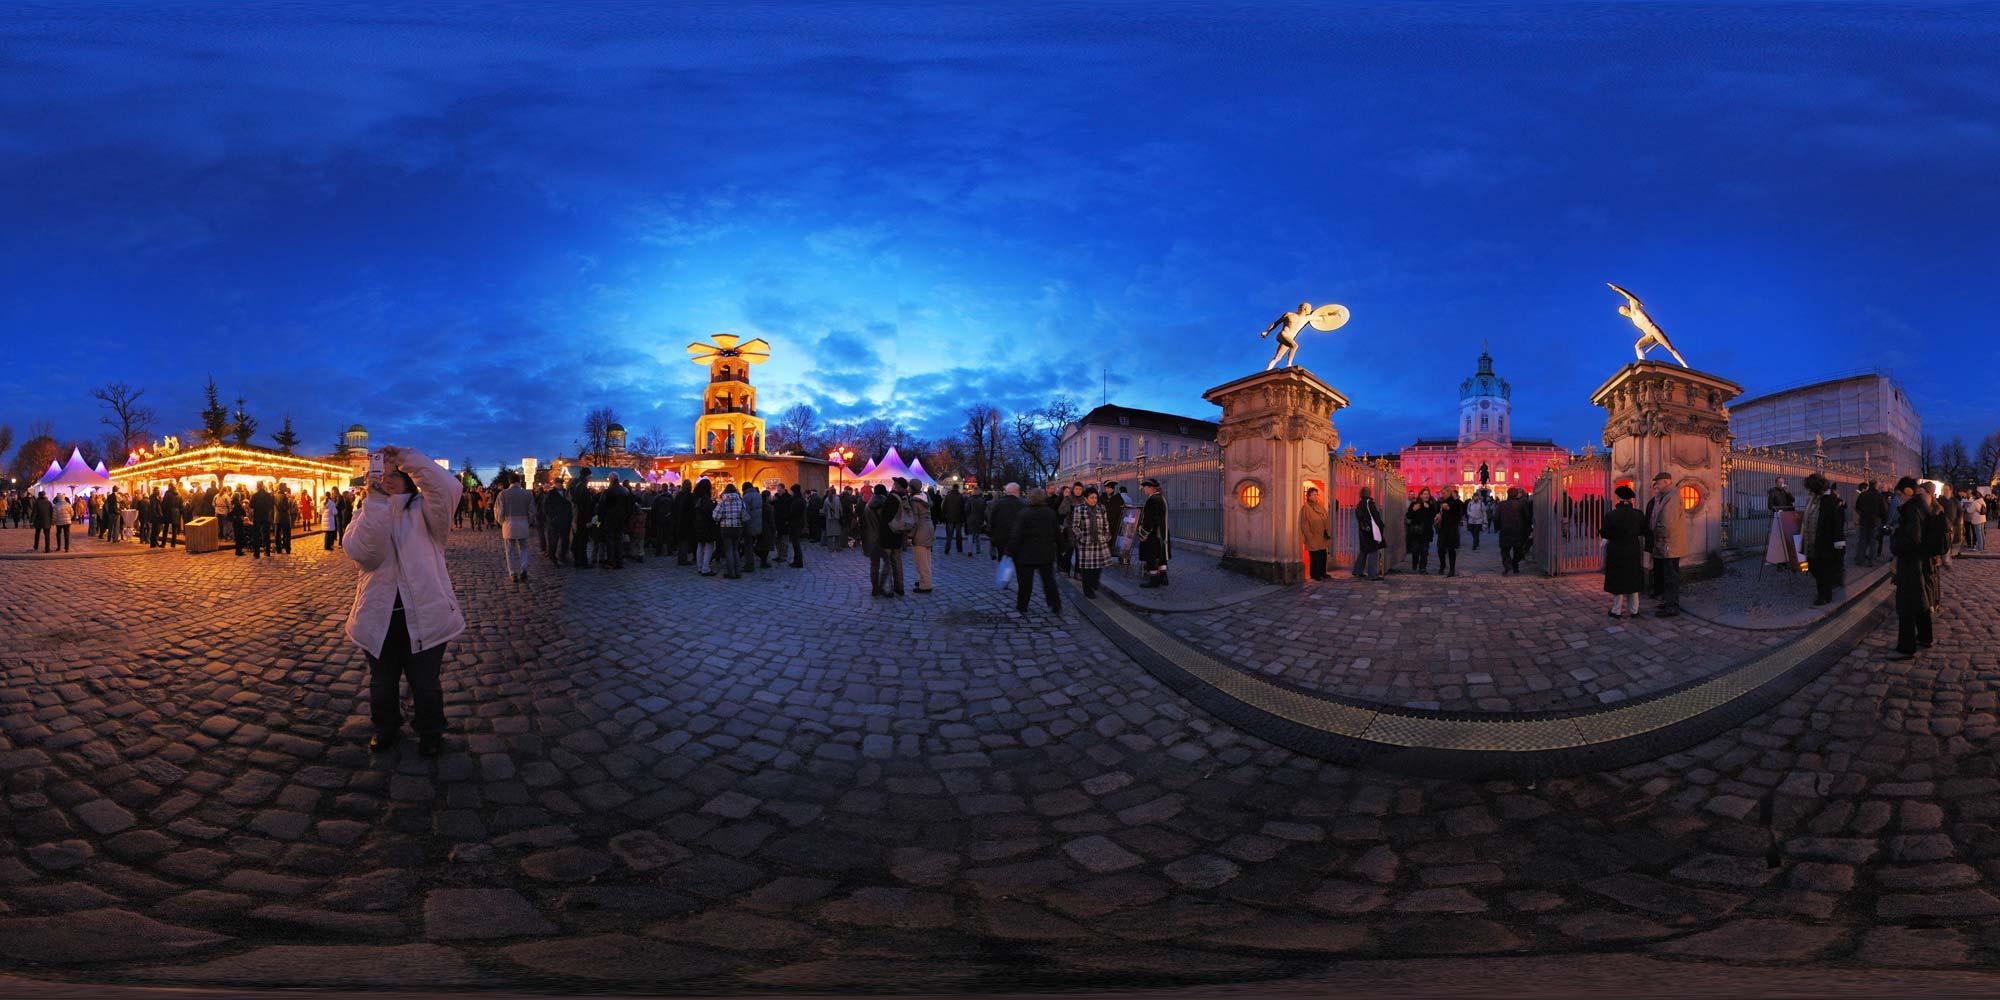 Weihnachtsmarkt Schloss Charlottenburg.Kubische Panoramen Panorama Foto Schloss Charlottenburg